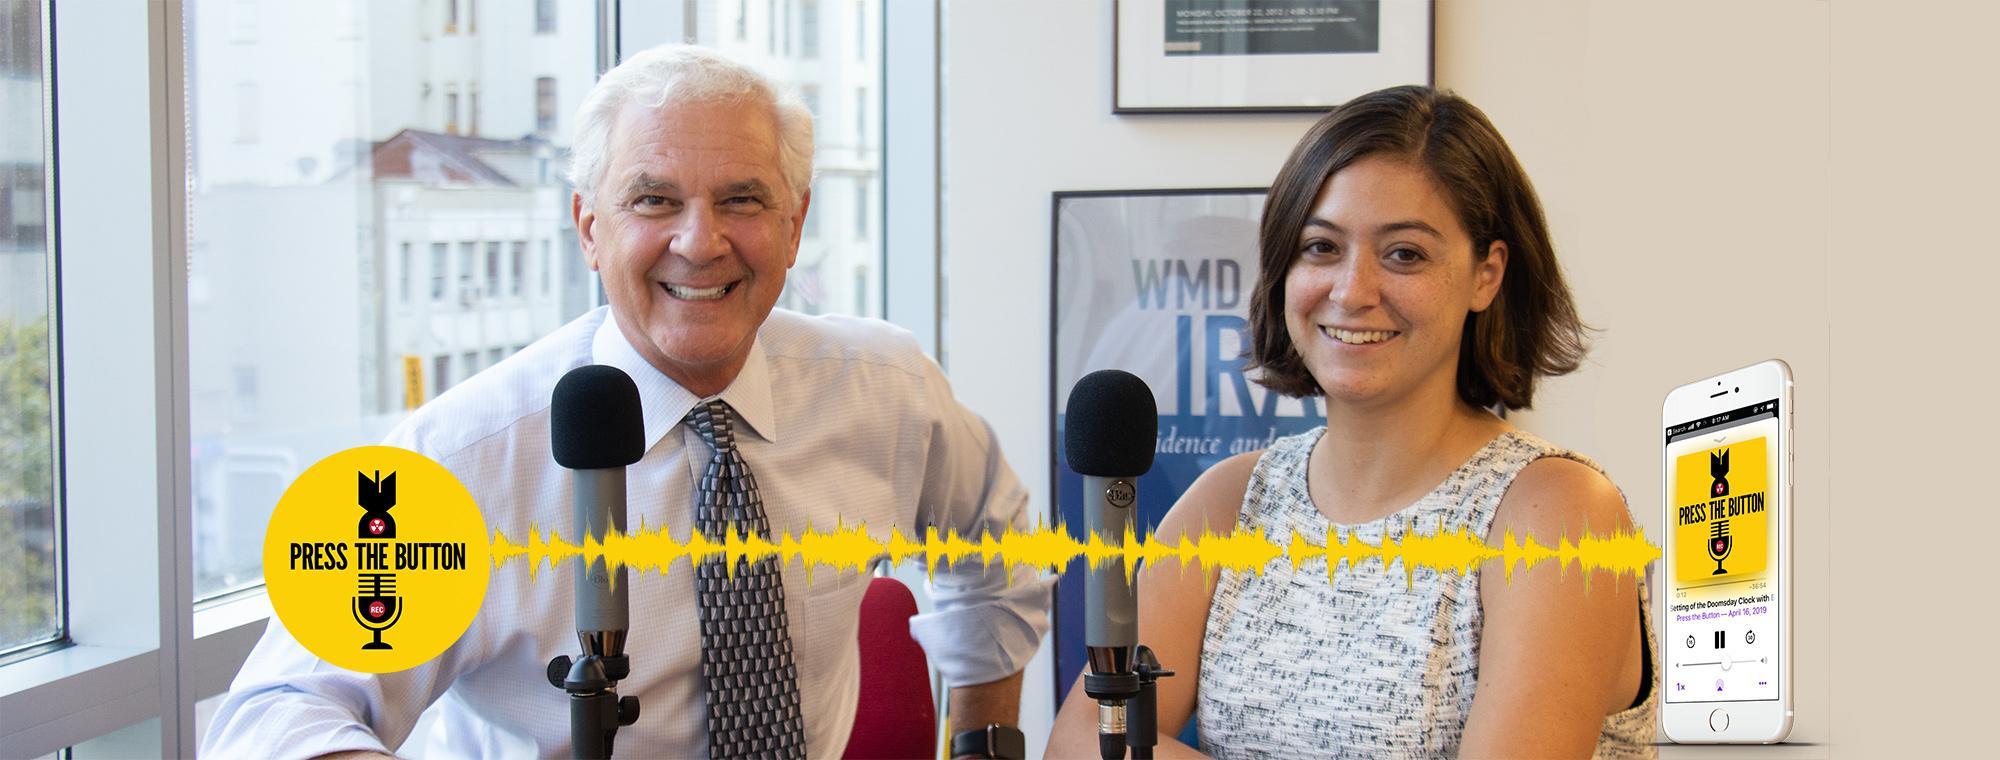 Joe Cirincione and Michelle Dover, hosts of Press the Button